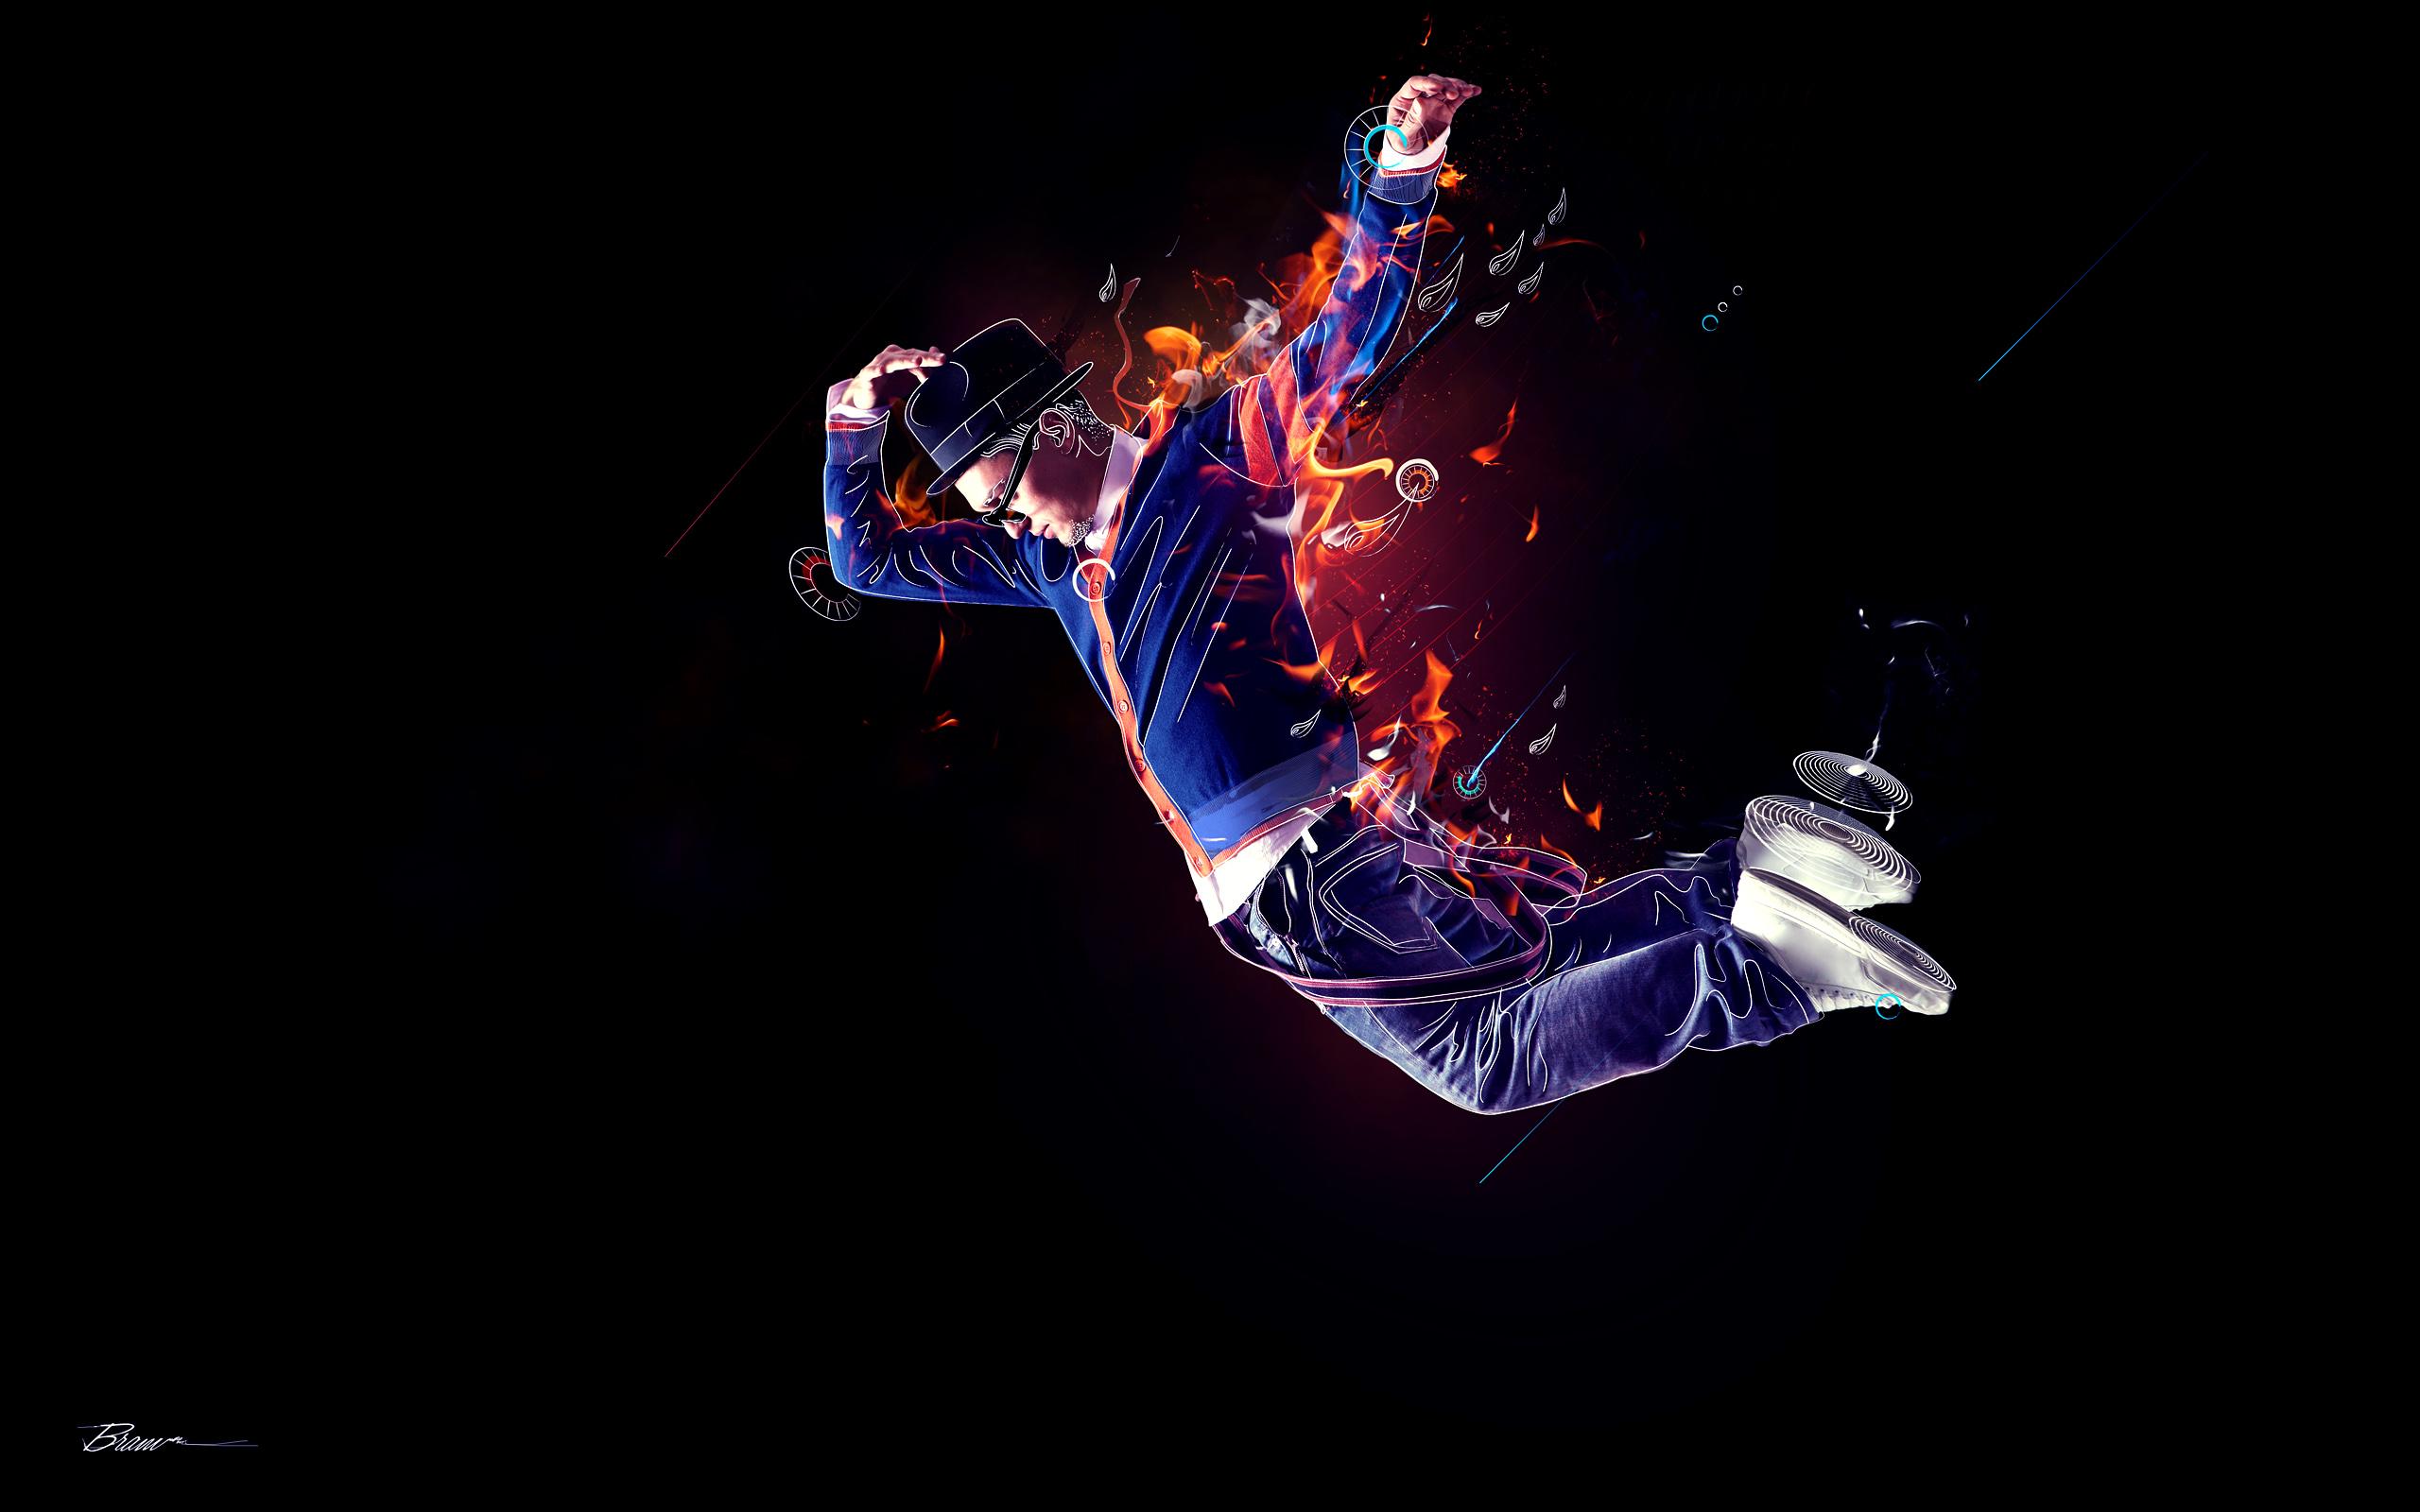 FireDancer wallpaper2560x1600 2560x1600